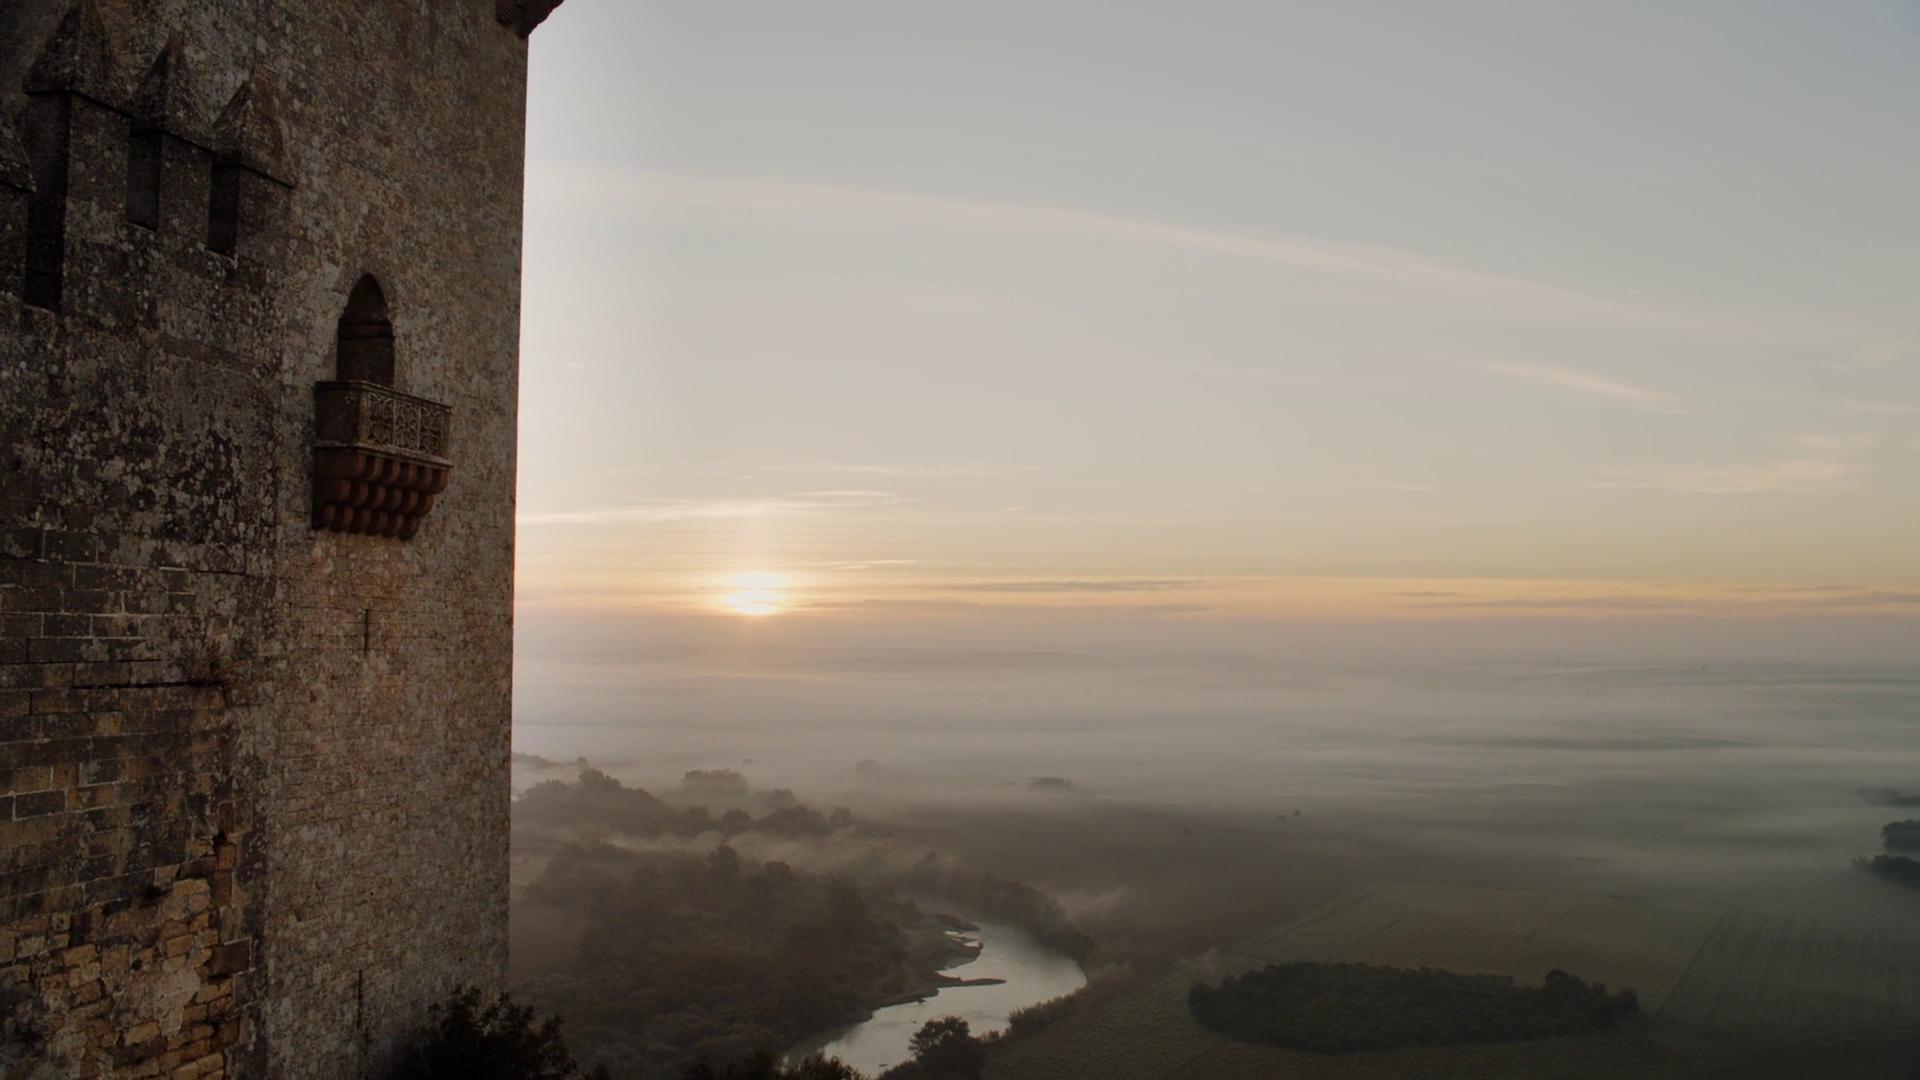 Vista del castillo de Almodovar del Río al amanecer en la ruta de juego de tronos - Los viajes de margalliver